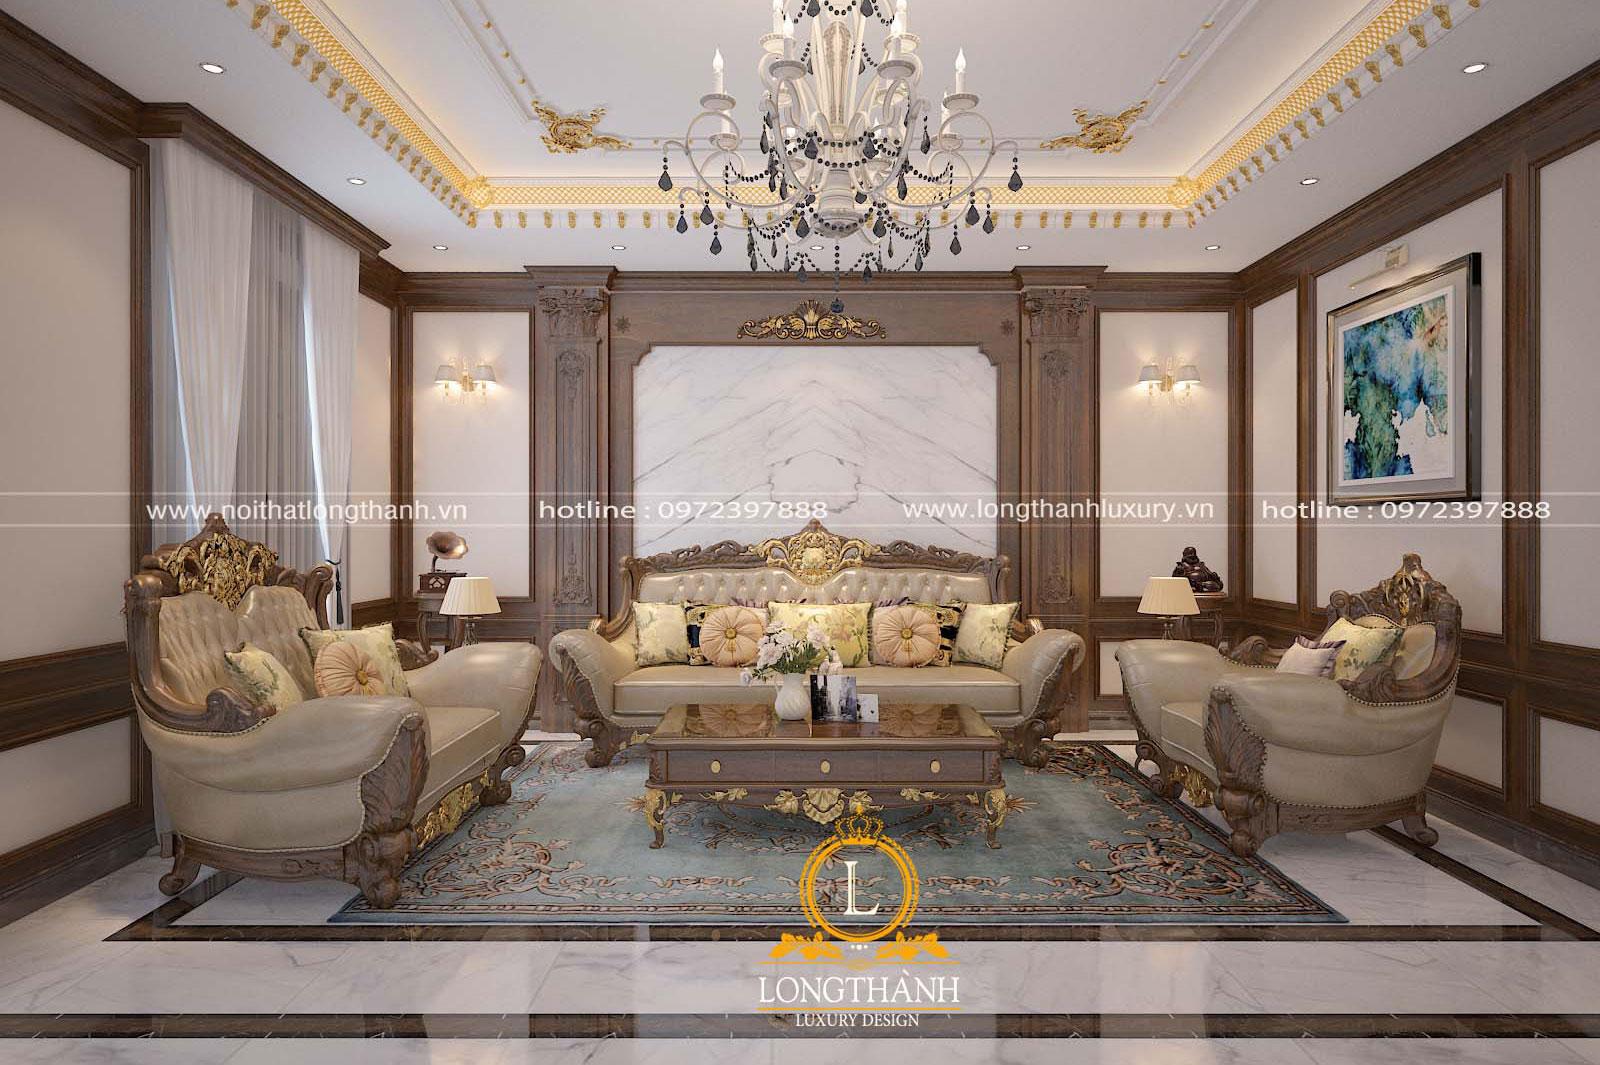 Mẫu sofa đẹp tân cổ điển phong cách châu Âu